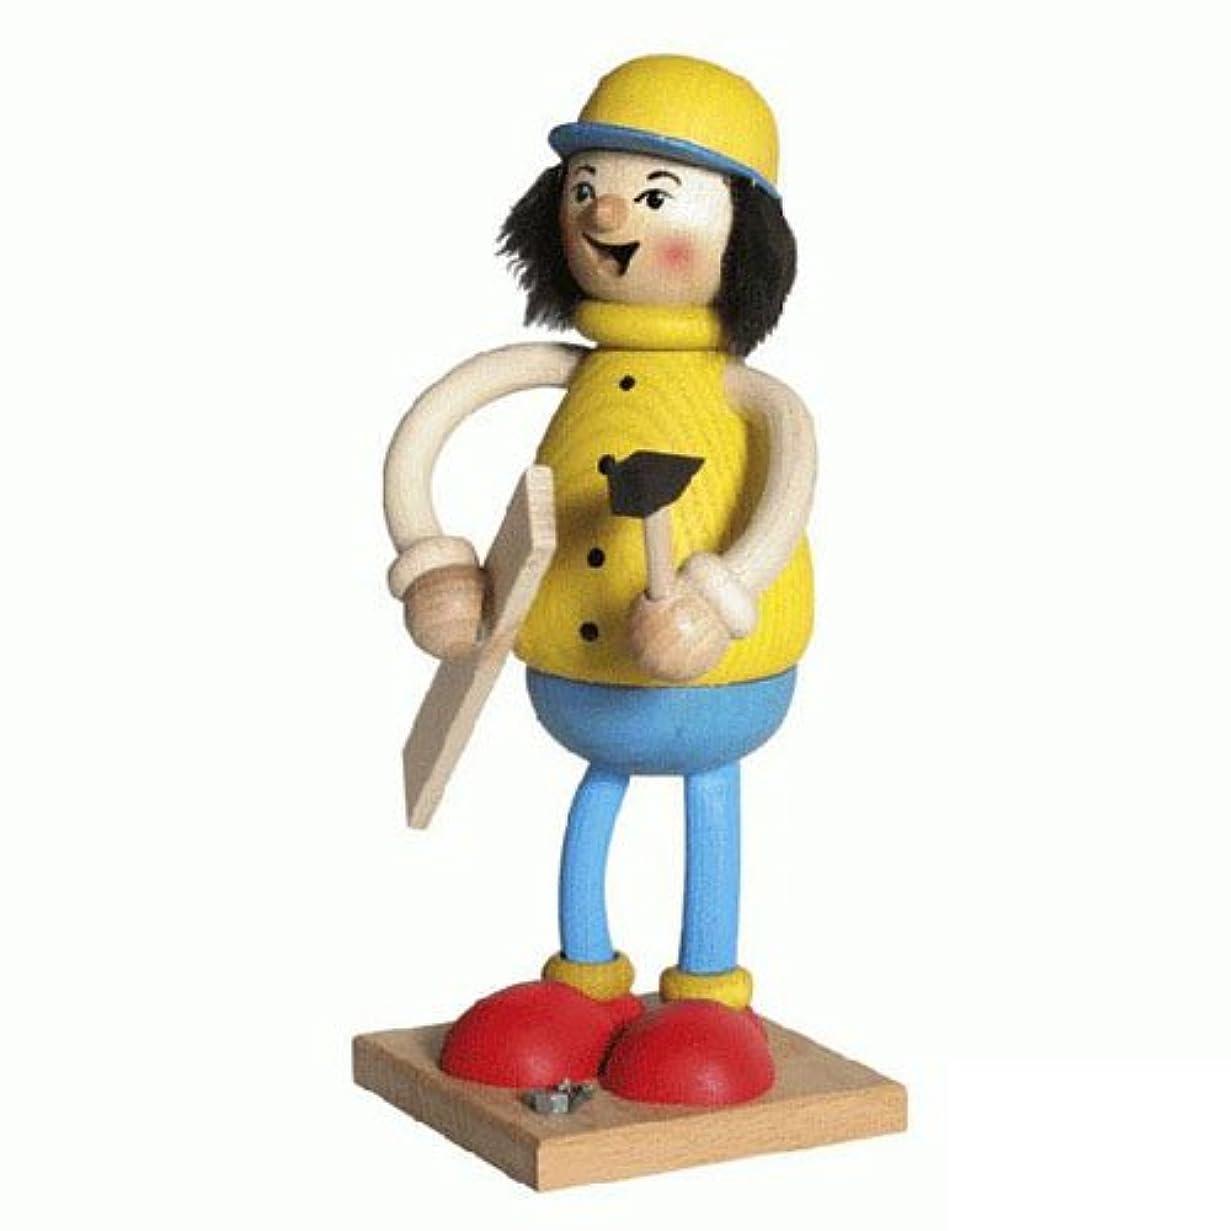 私たち自身条件付き農場39096 Kuhnert(クーネルト) ミニパイプ人形香炉 DIY